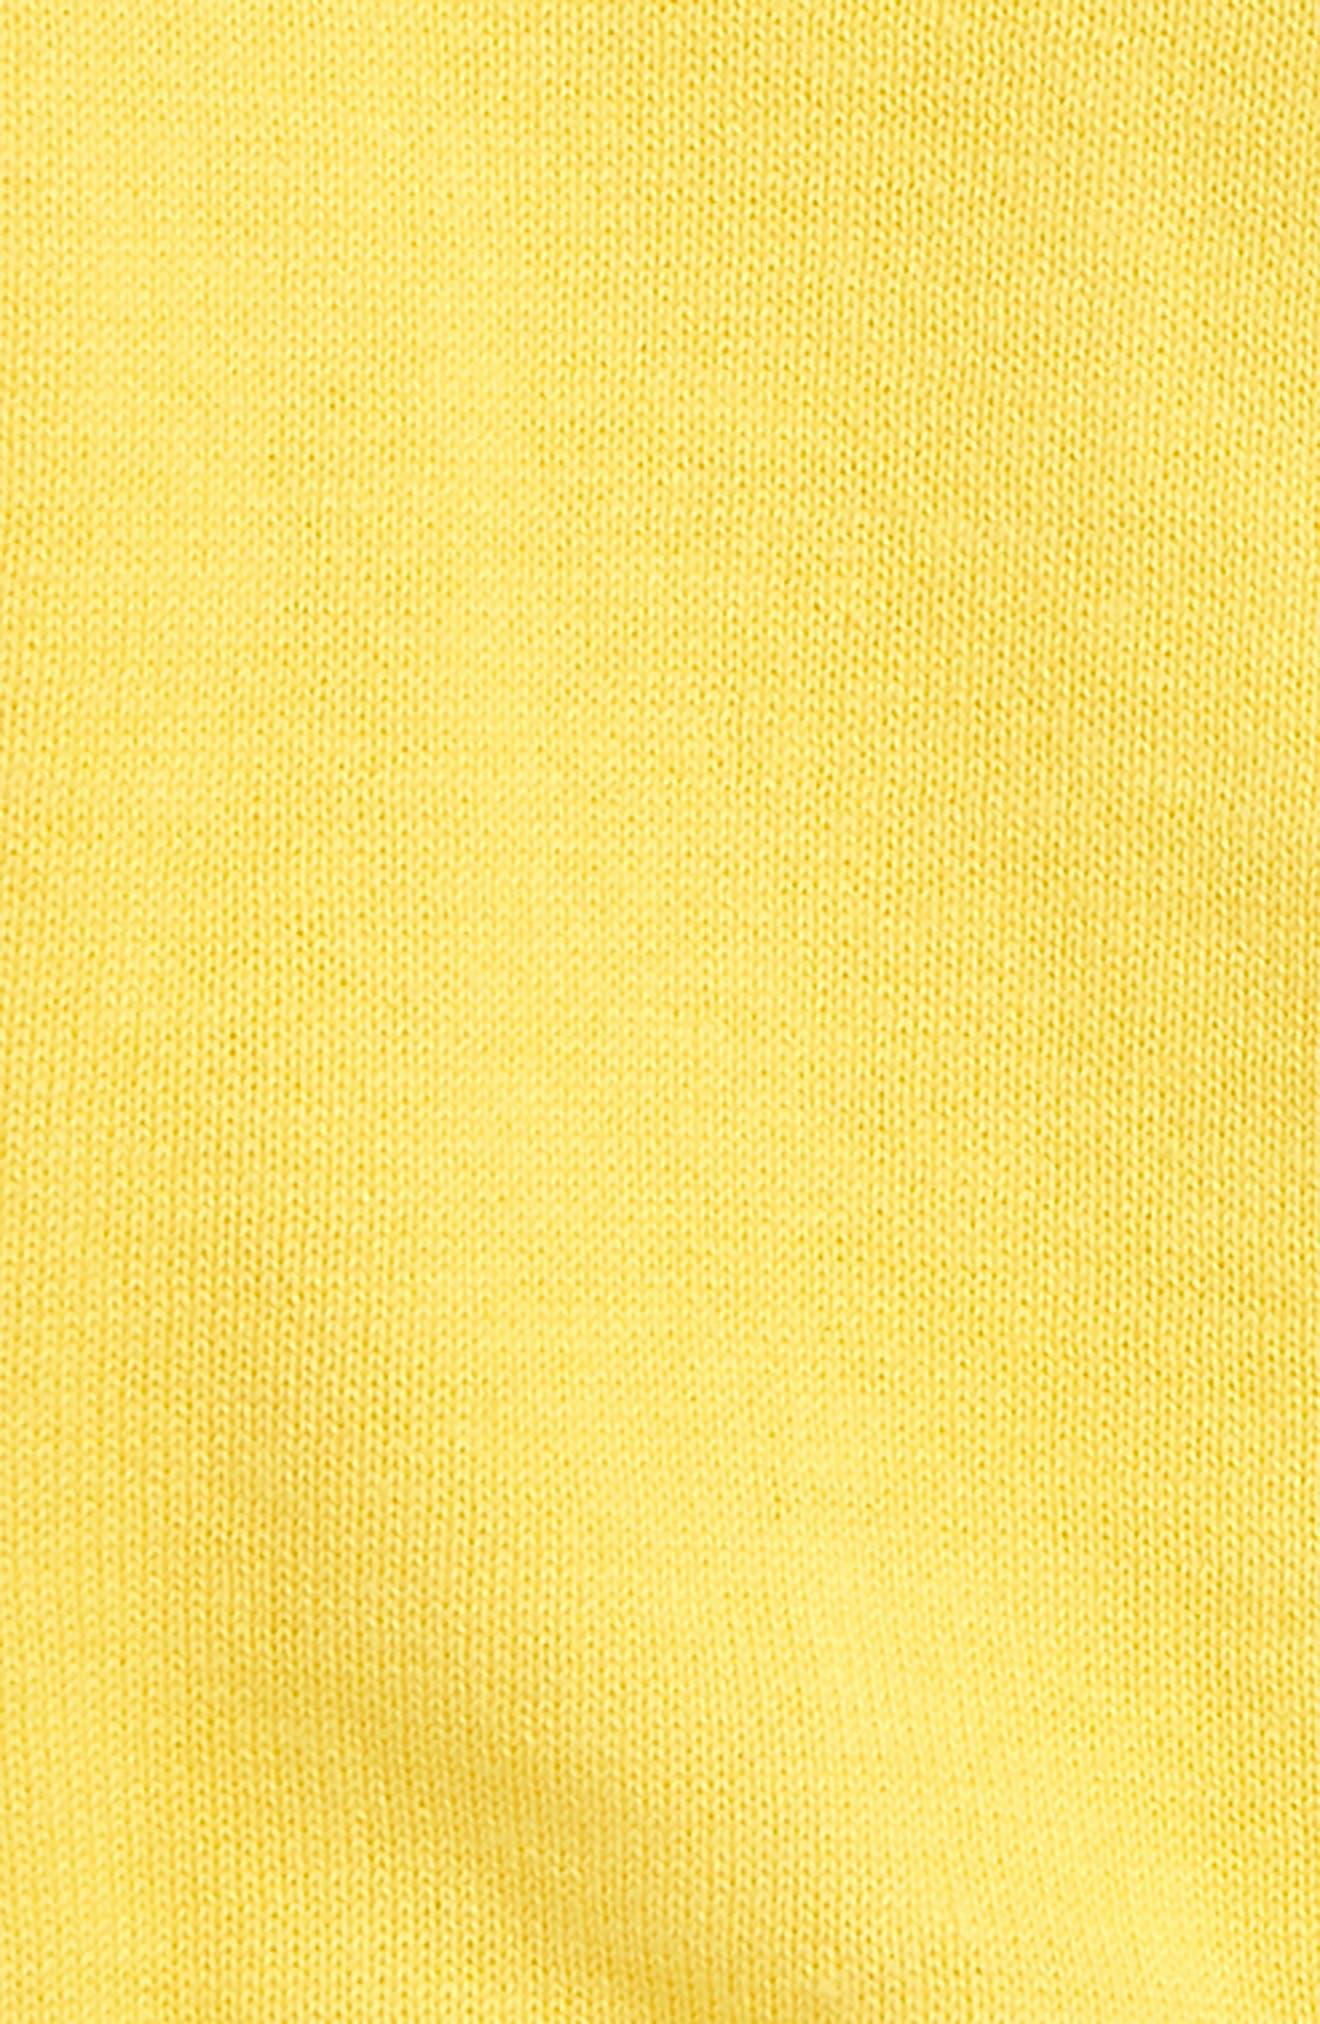 True Knit Lemon Cardigan,                             Alternate thumbnail 2, color,                             760